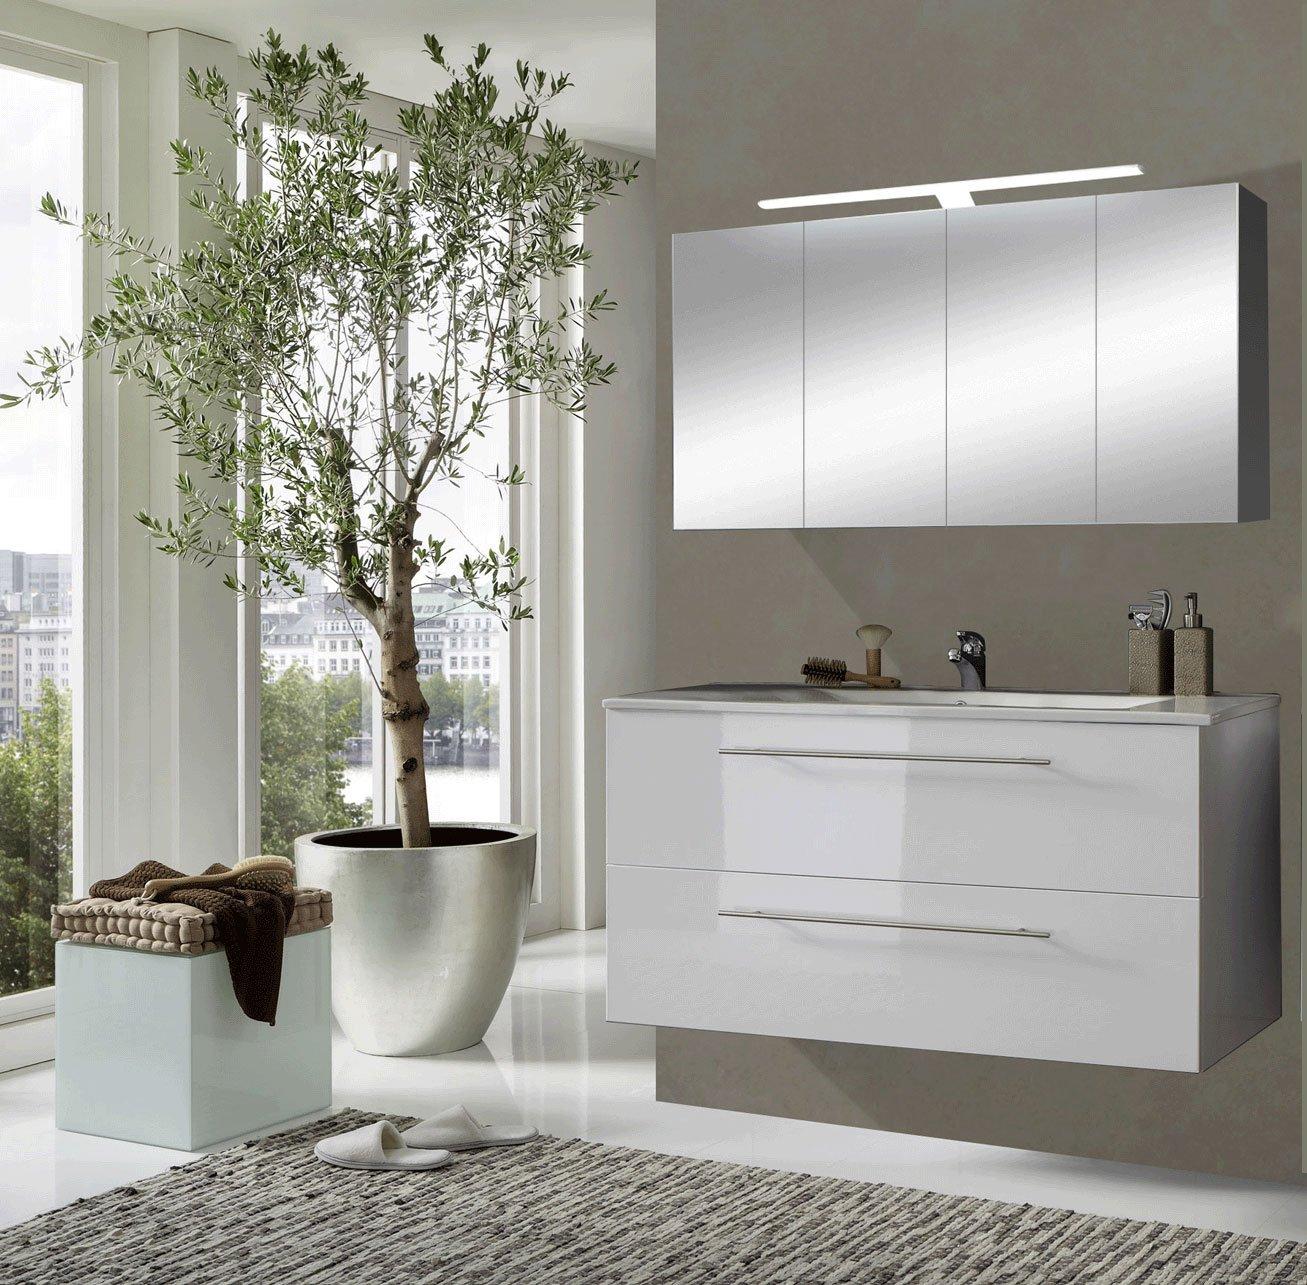 sam® badmöbel-set rom 2tlg in hochglanz weiß, 120 cm breiter ... - Spiegelschrank Badezimmer 120 Cm